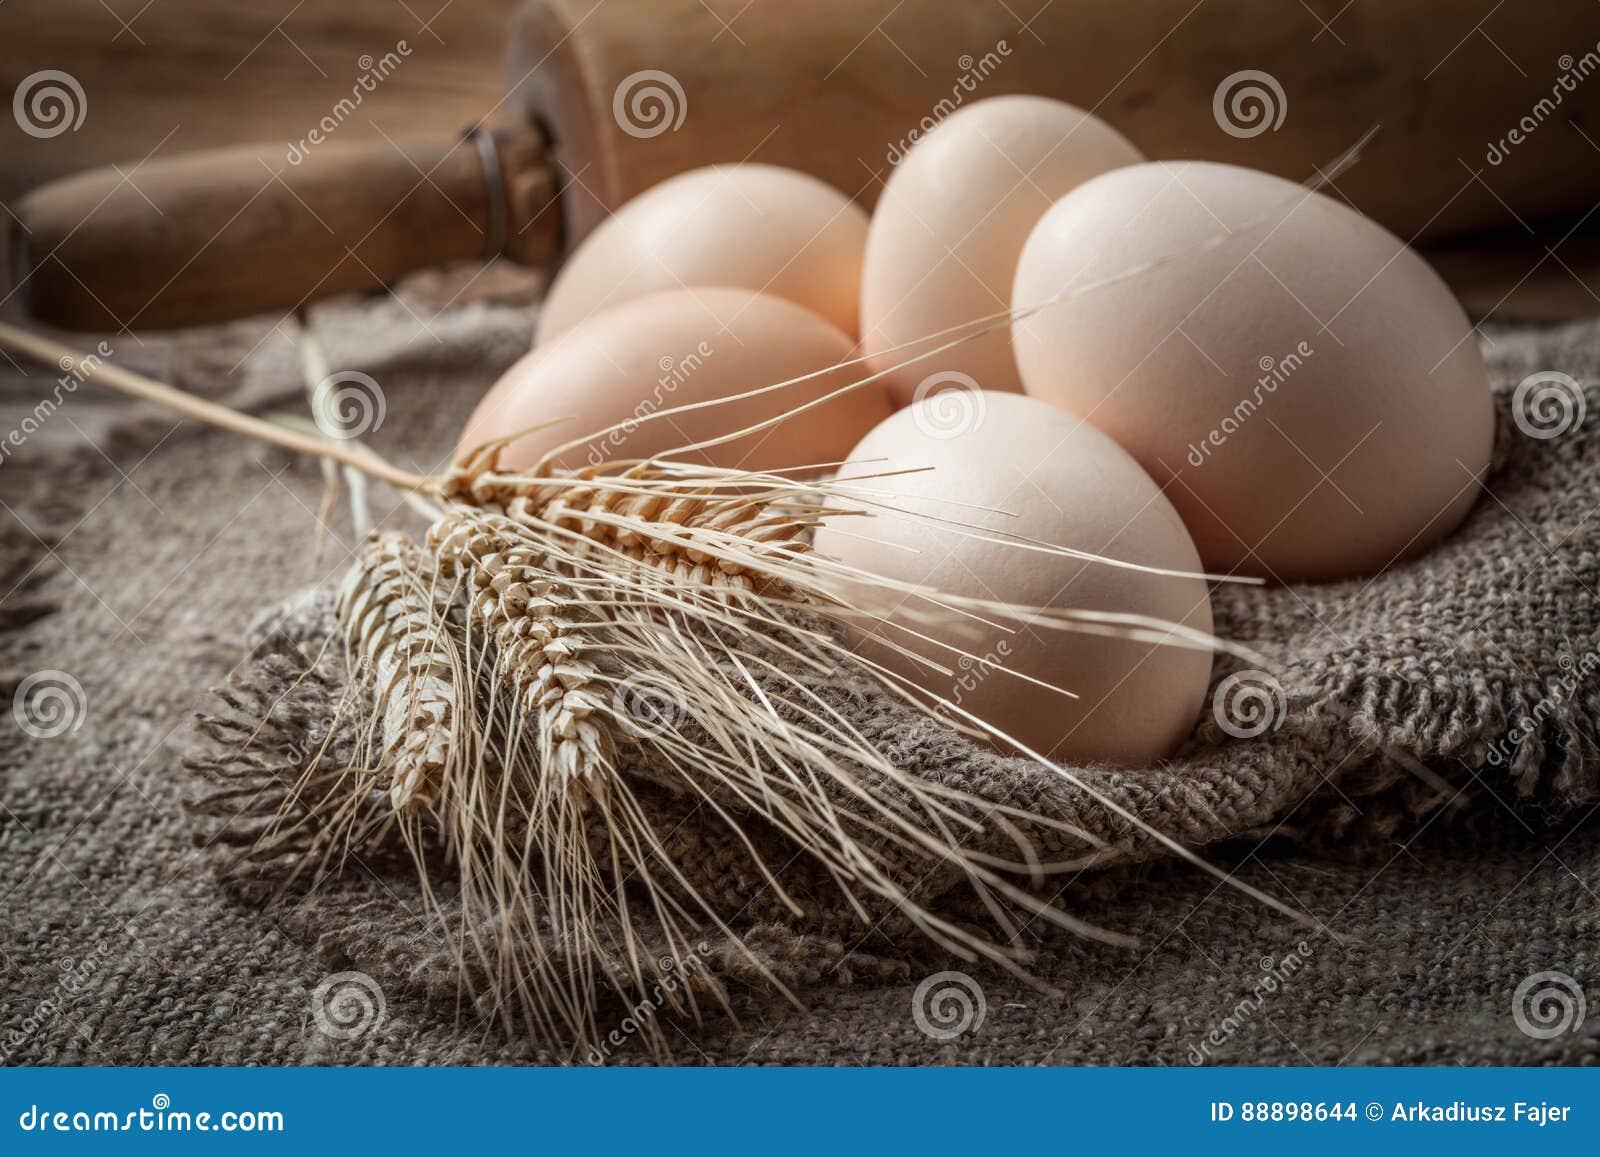 未加工的有机农厂鸡蛋